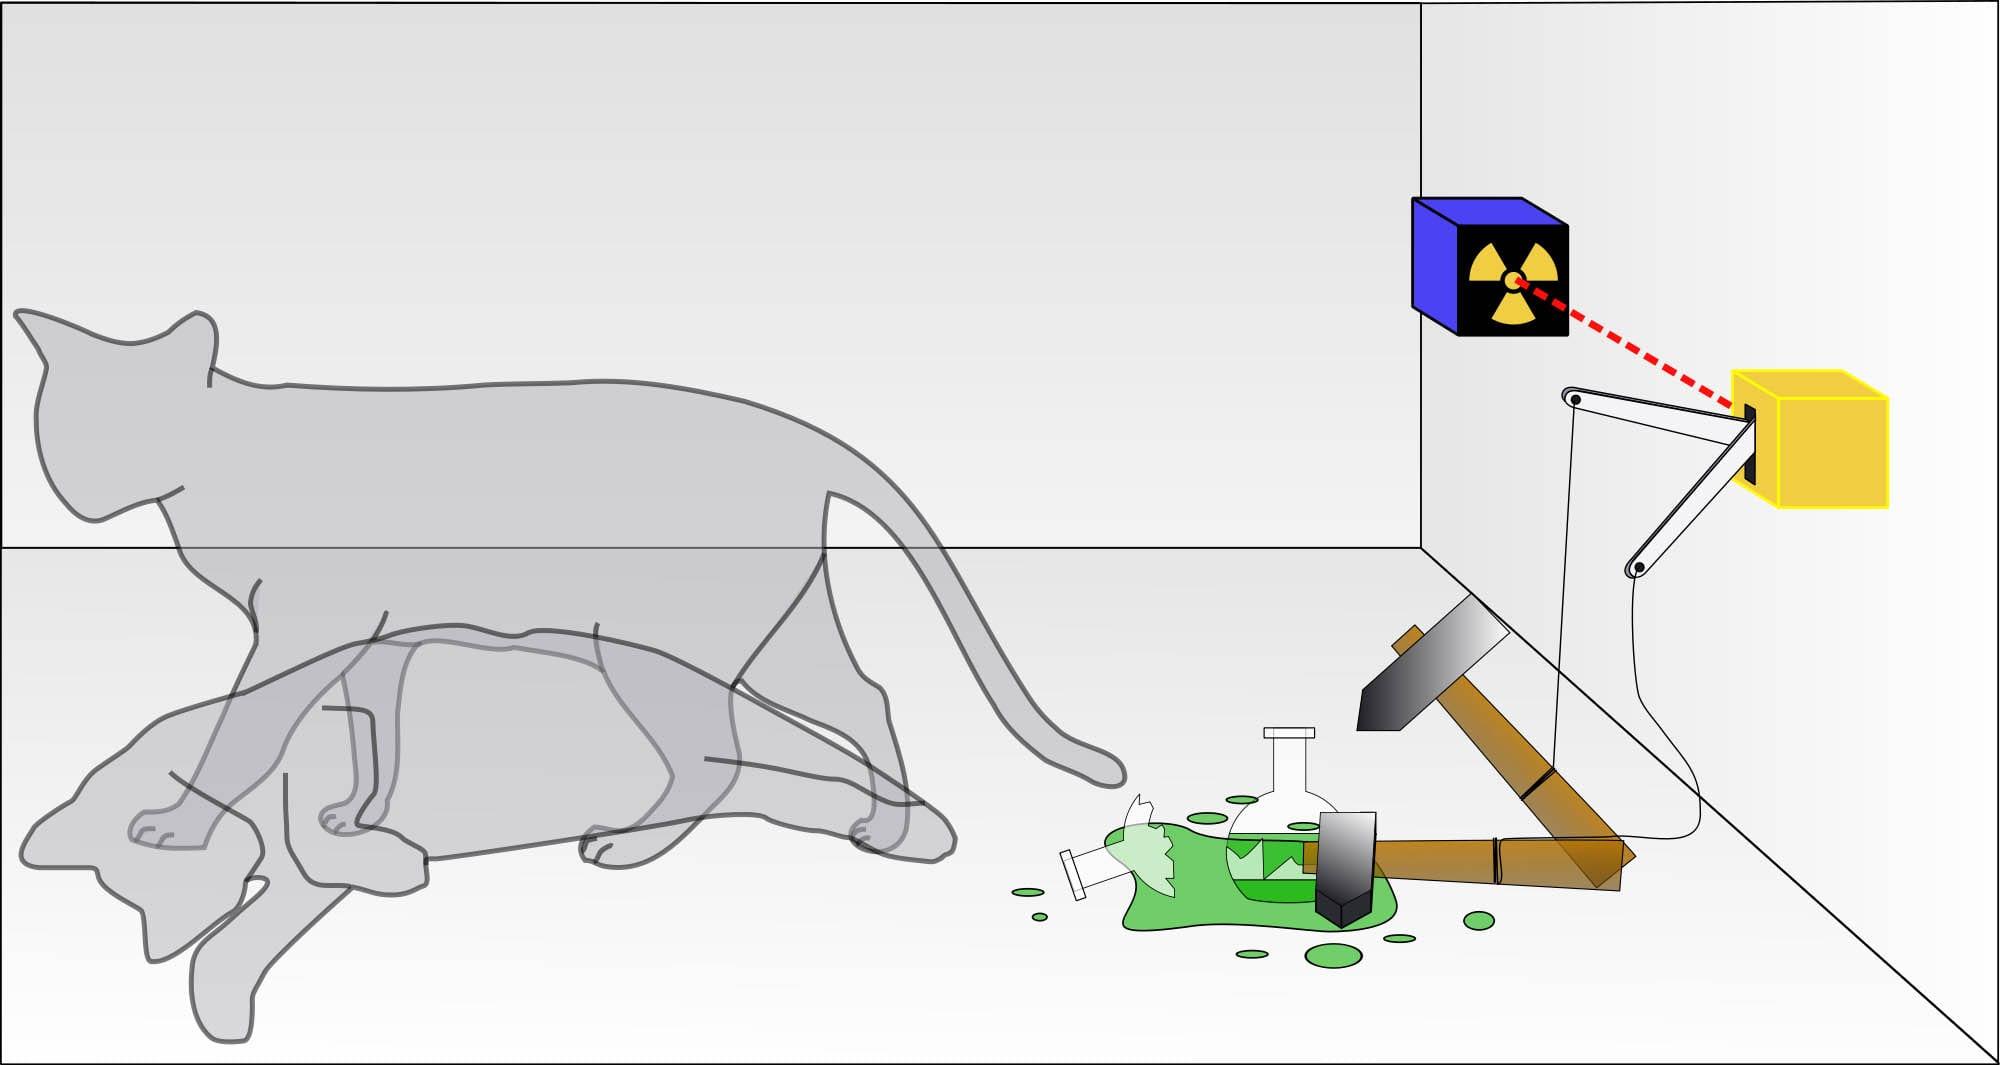 Já ouviu falar sobre a teoria do gato de schrödinger? Confira mais detalhes